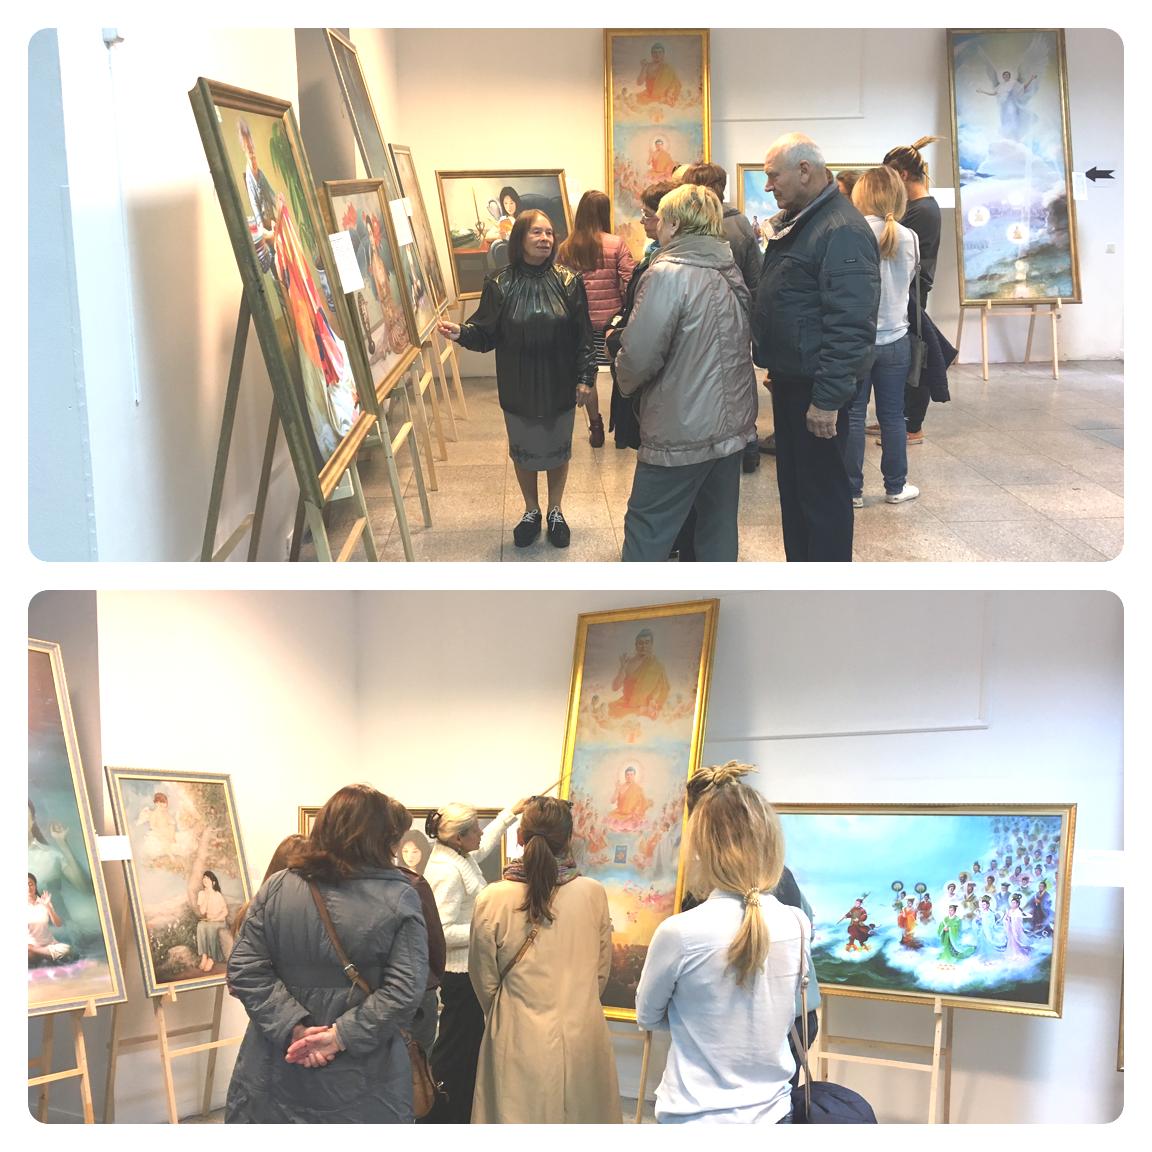 Гіди розповіли відвідувачам виставки про внутрішній зміст картин